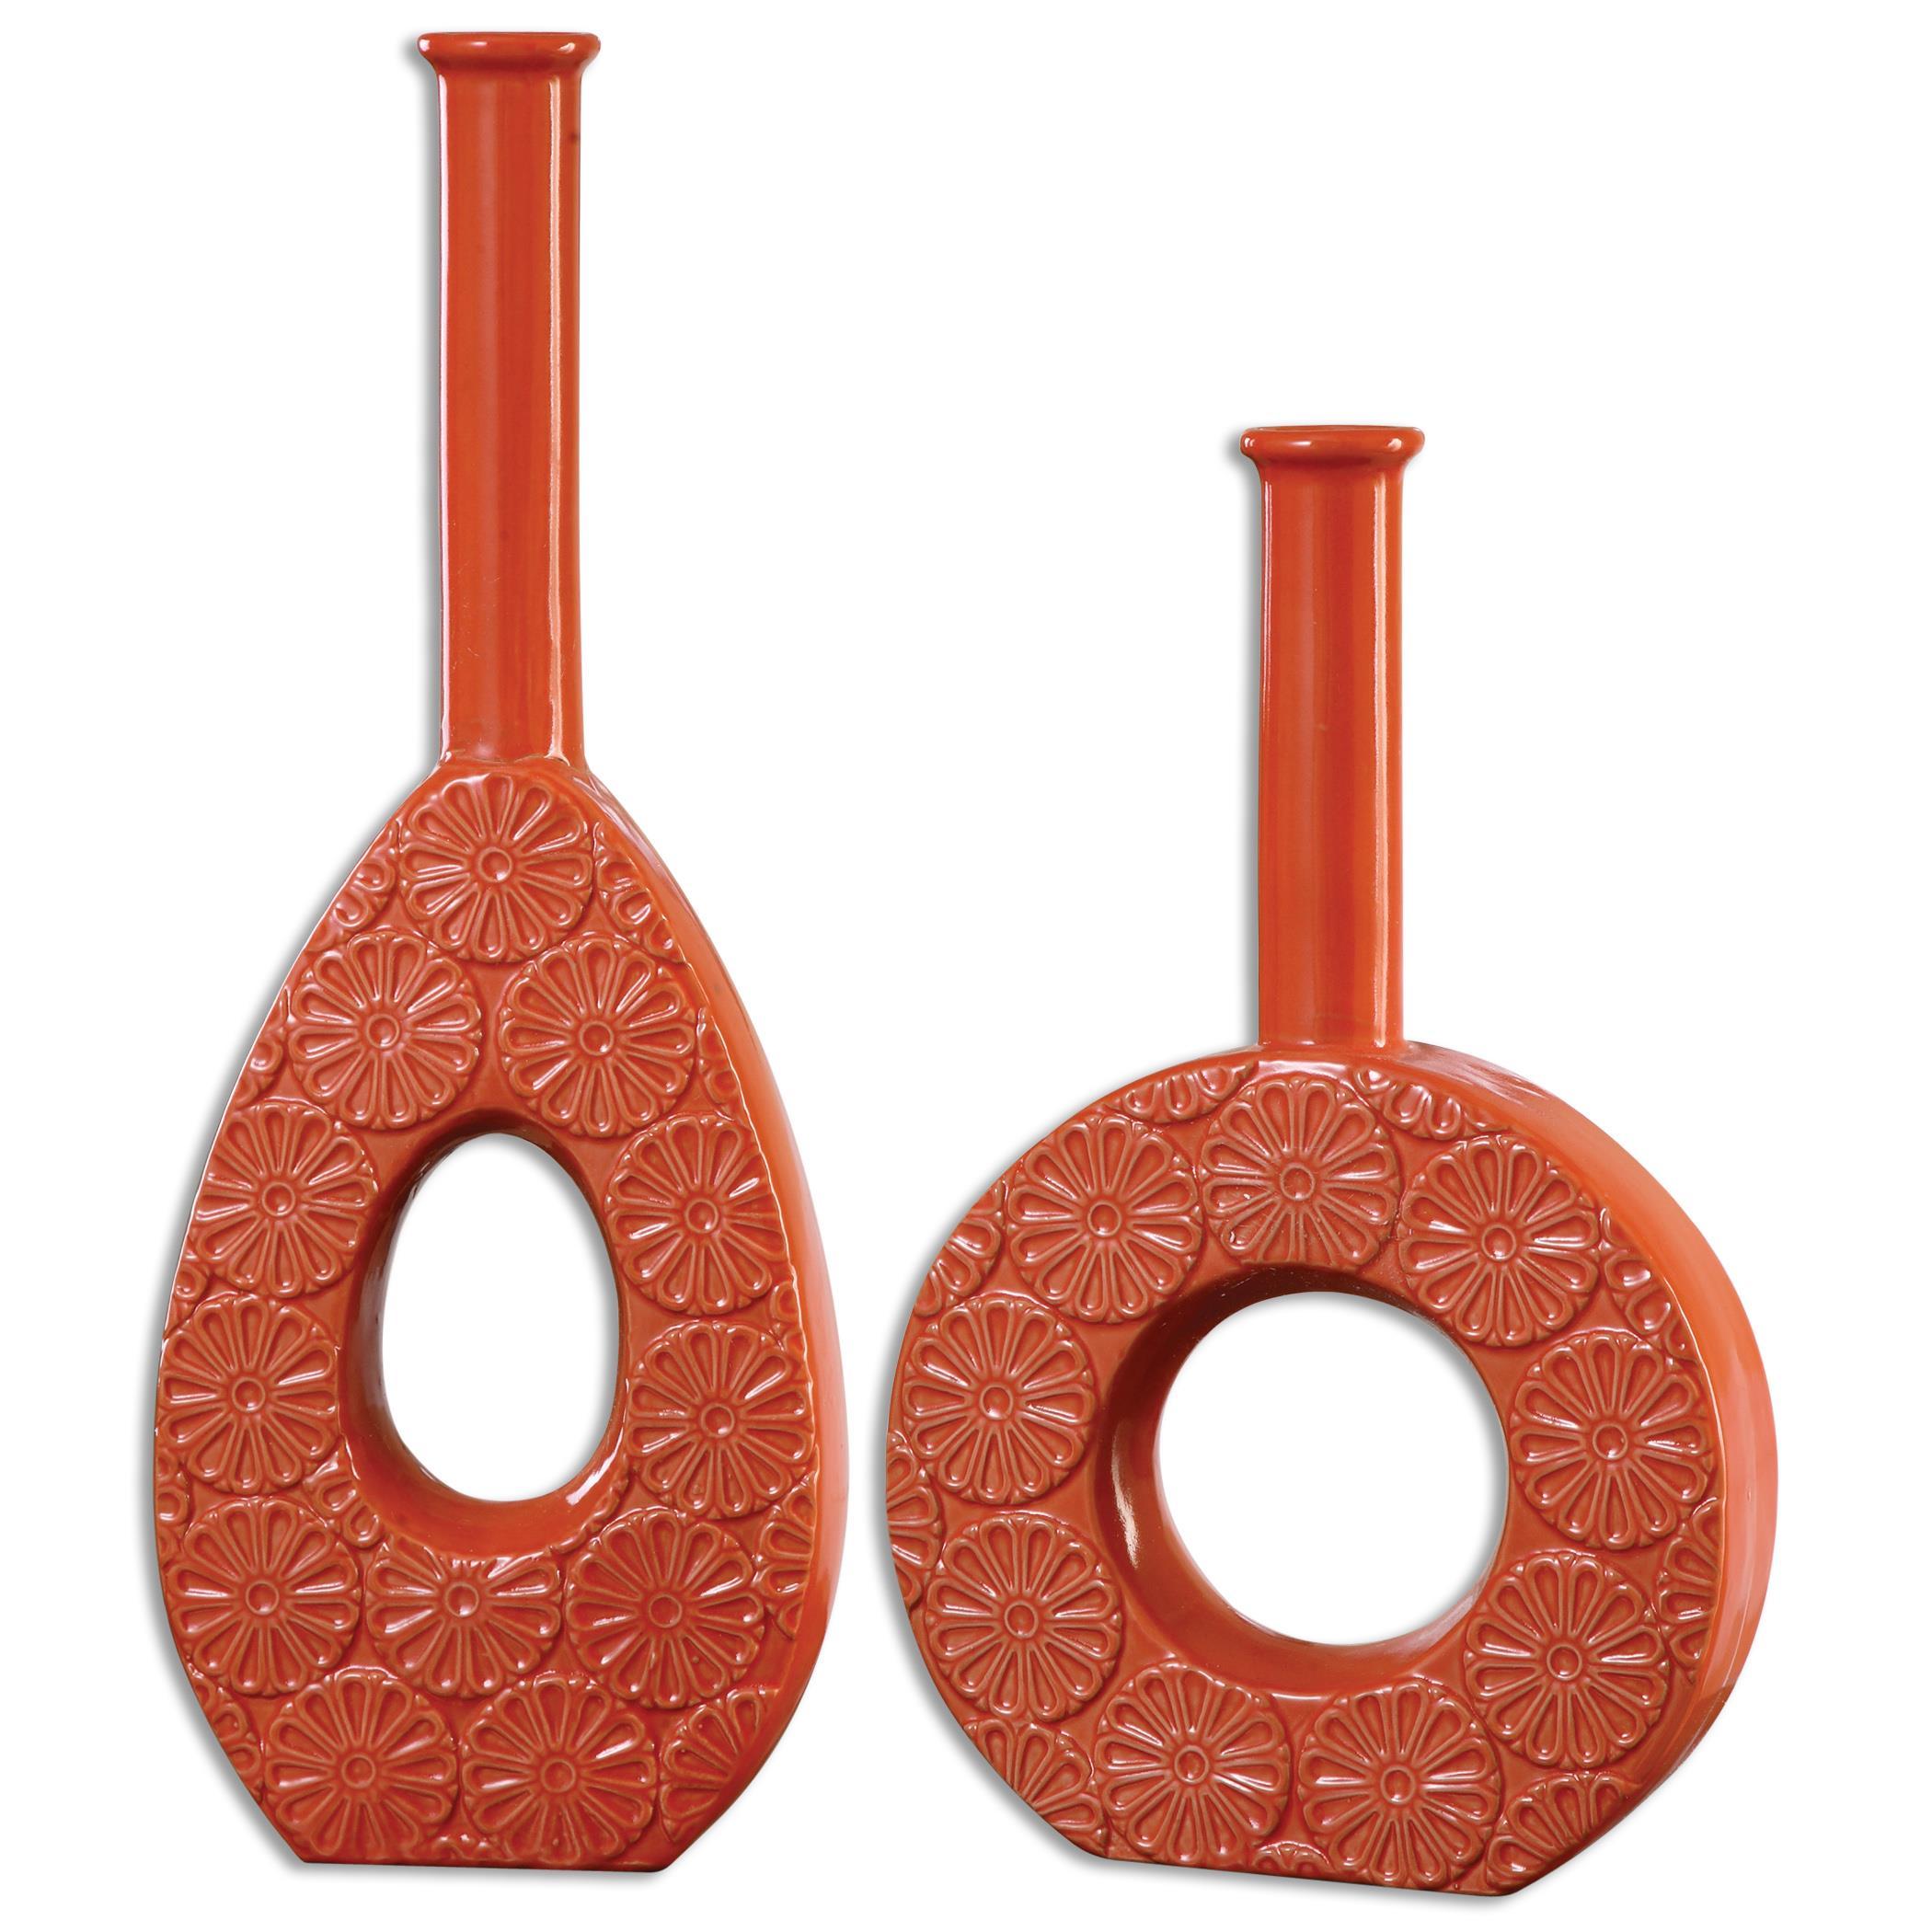 Uttermost Accessories Ace Orange Vases S/2 - Item Number: 19926